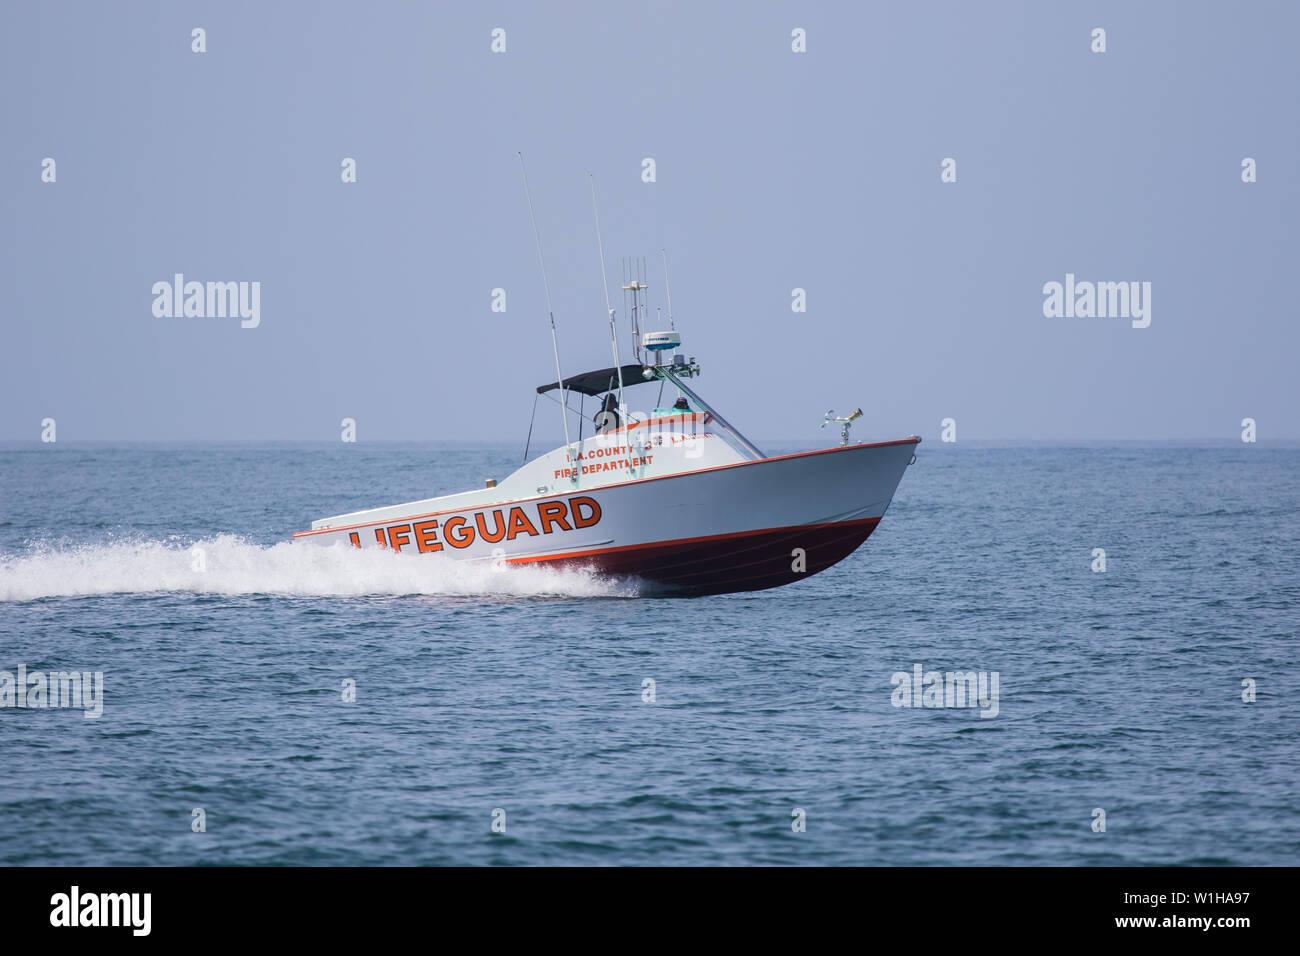 Lifeguard Boat Stock Photos & Lifeguard Boat Stock Images